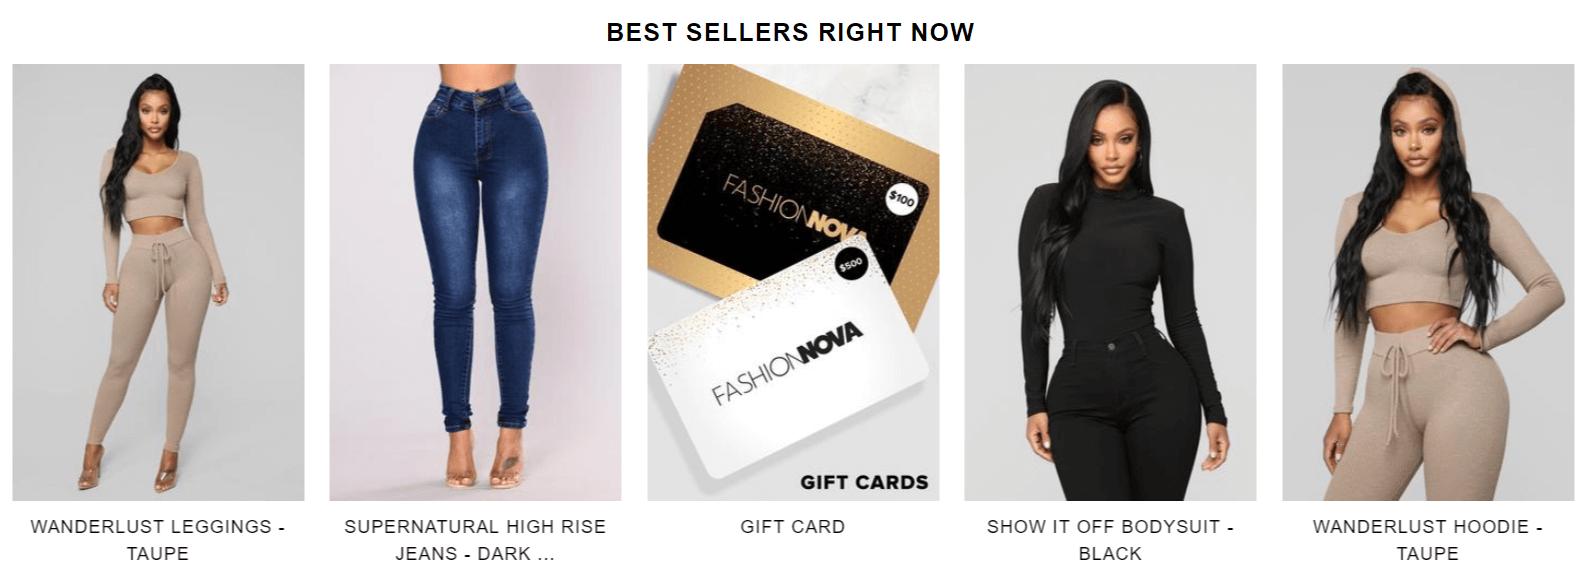 fashionnova products